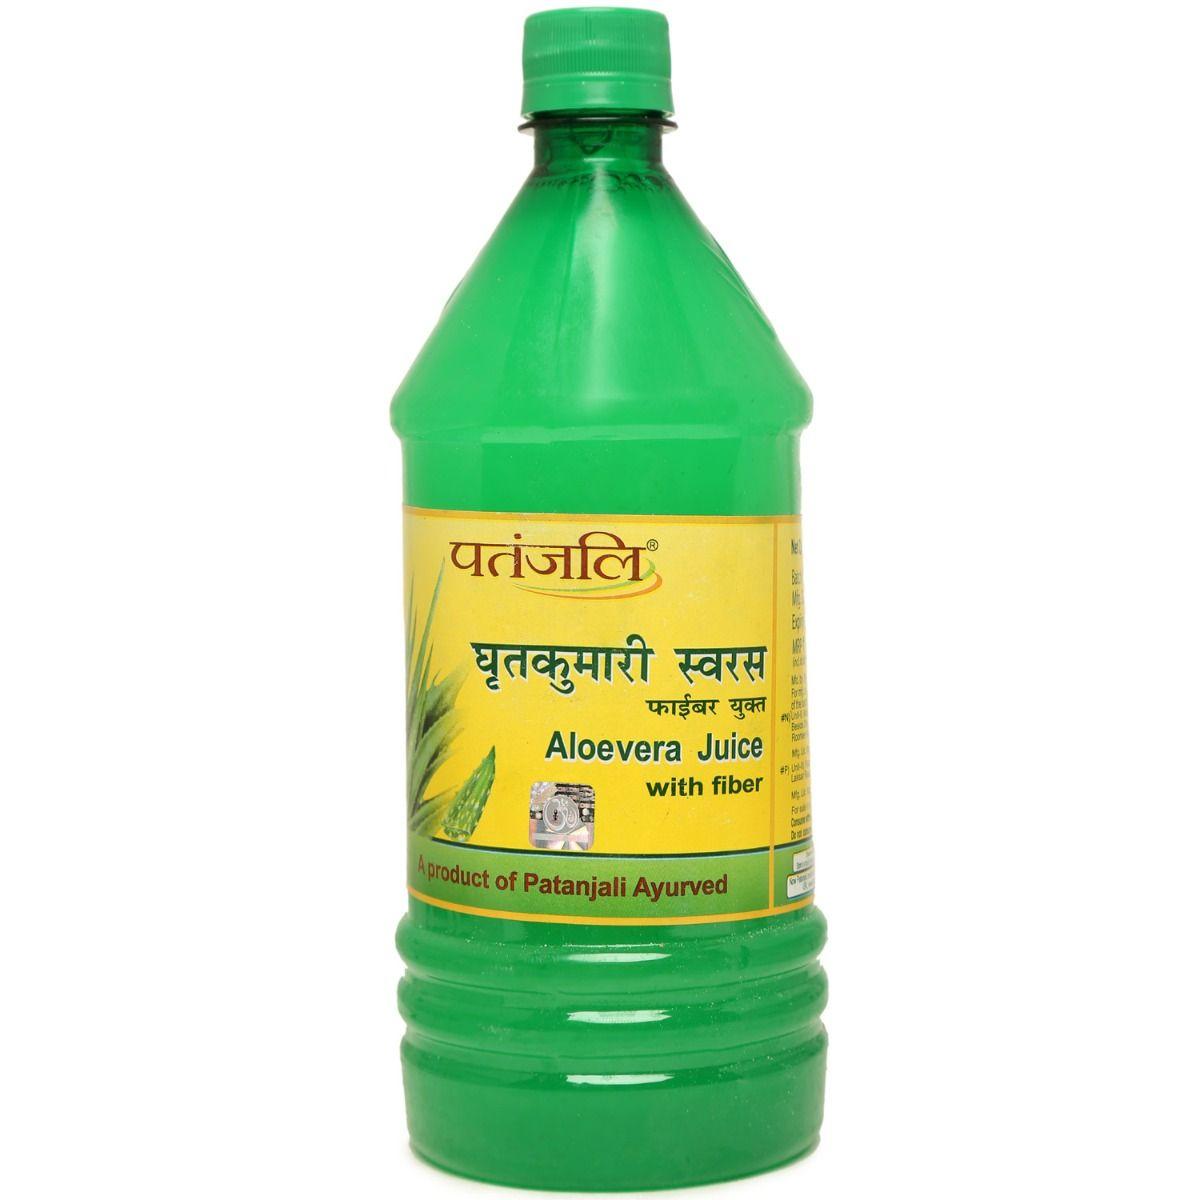 Patanjali Aloe Vera Juice with Fiber, 1 Litre